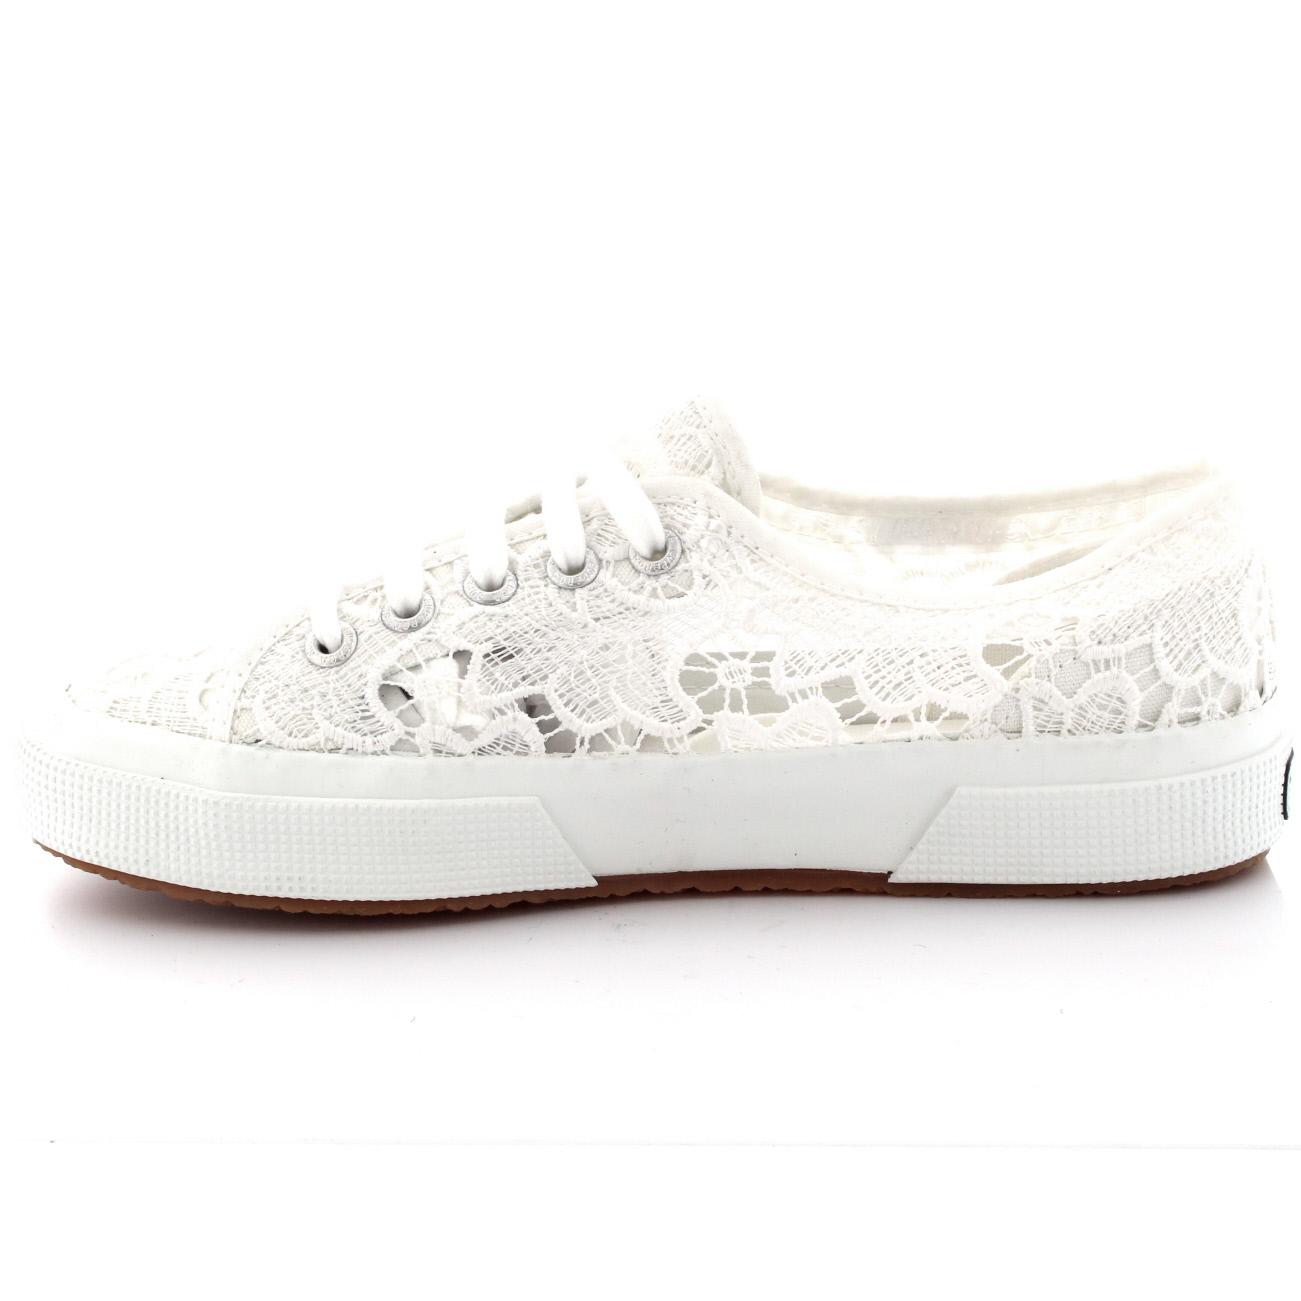 White Leather Superga Womens Fashion